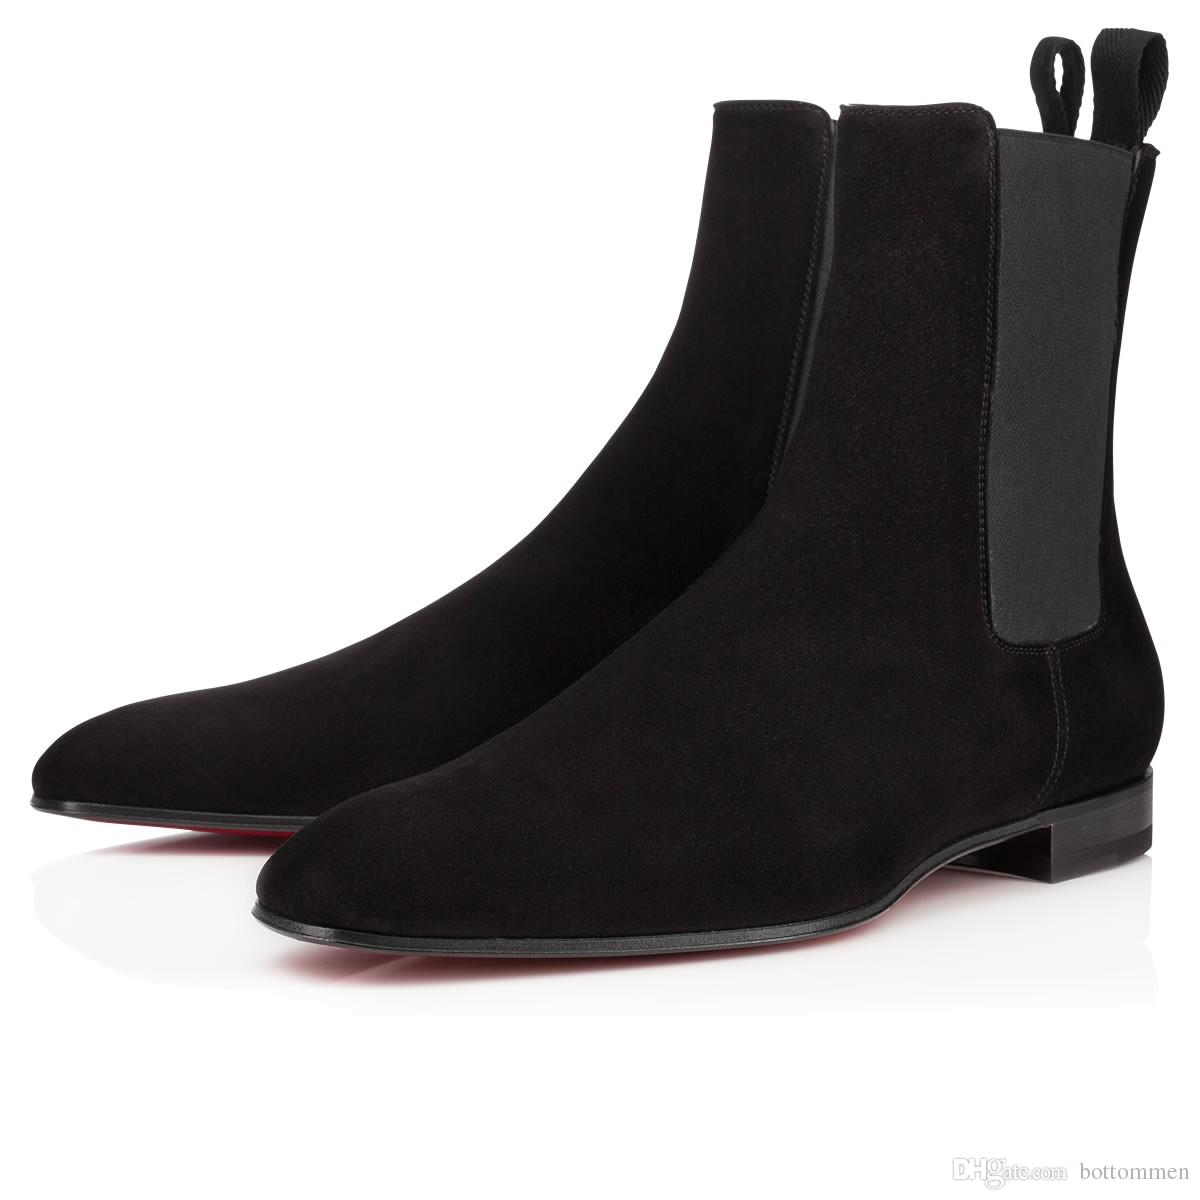 Модные элегантные бизнес-дизайнерские мужские черные кожаные рыцарские сапоги с высоким верхом красные нижние сапоги, брендовые плоские ботильоны Повседневная обувь